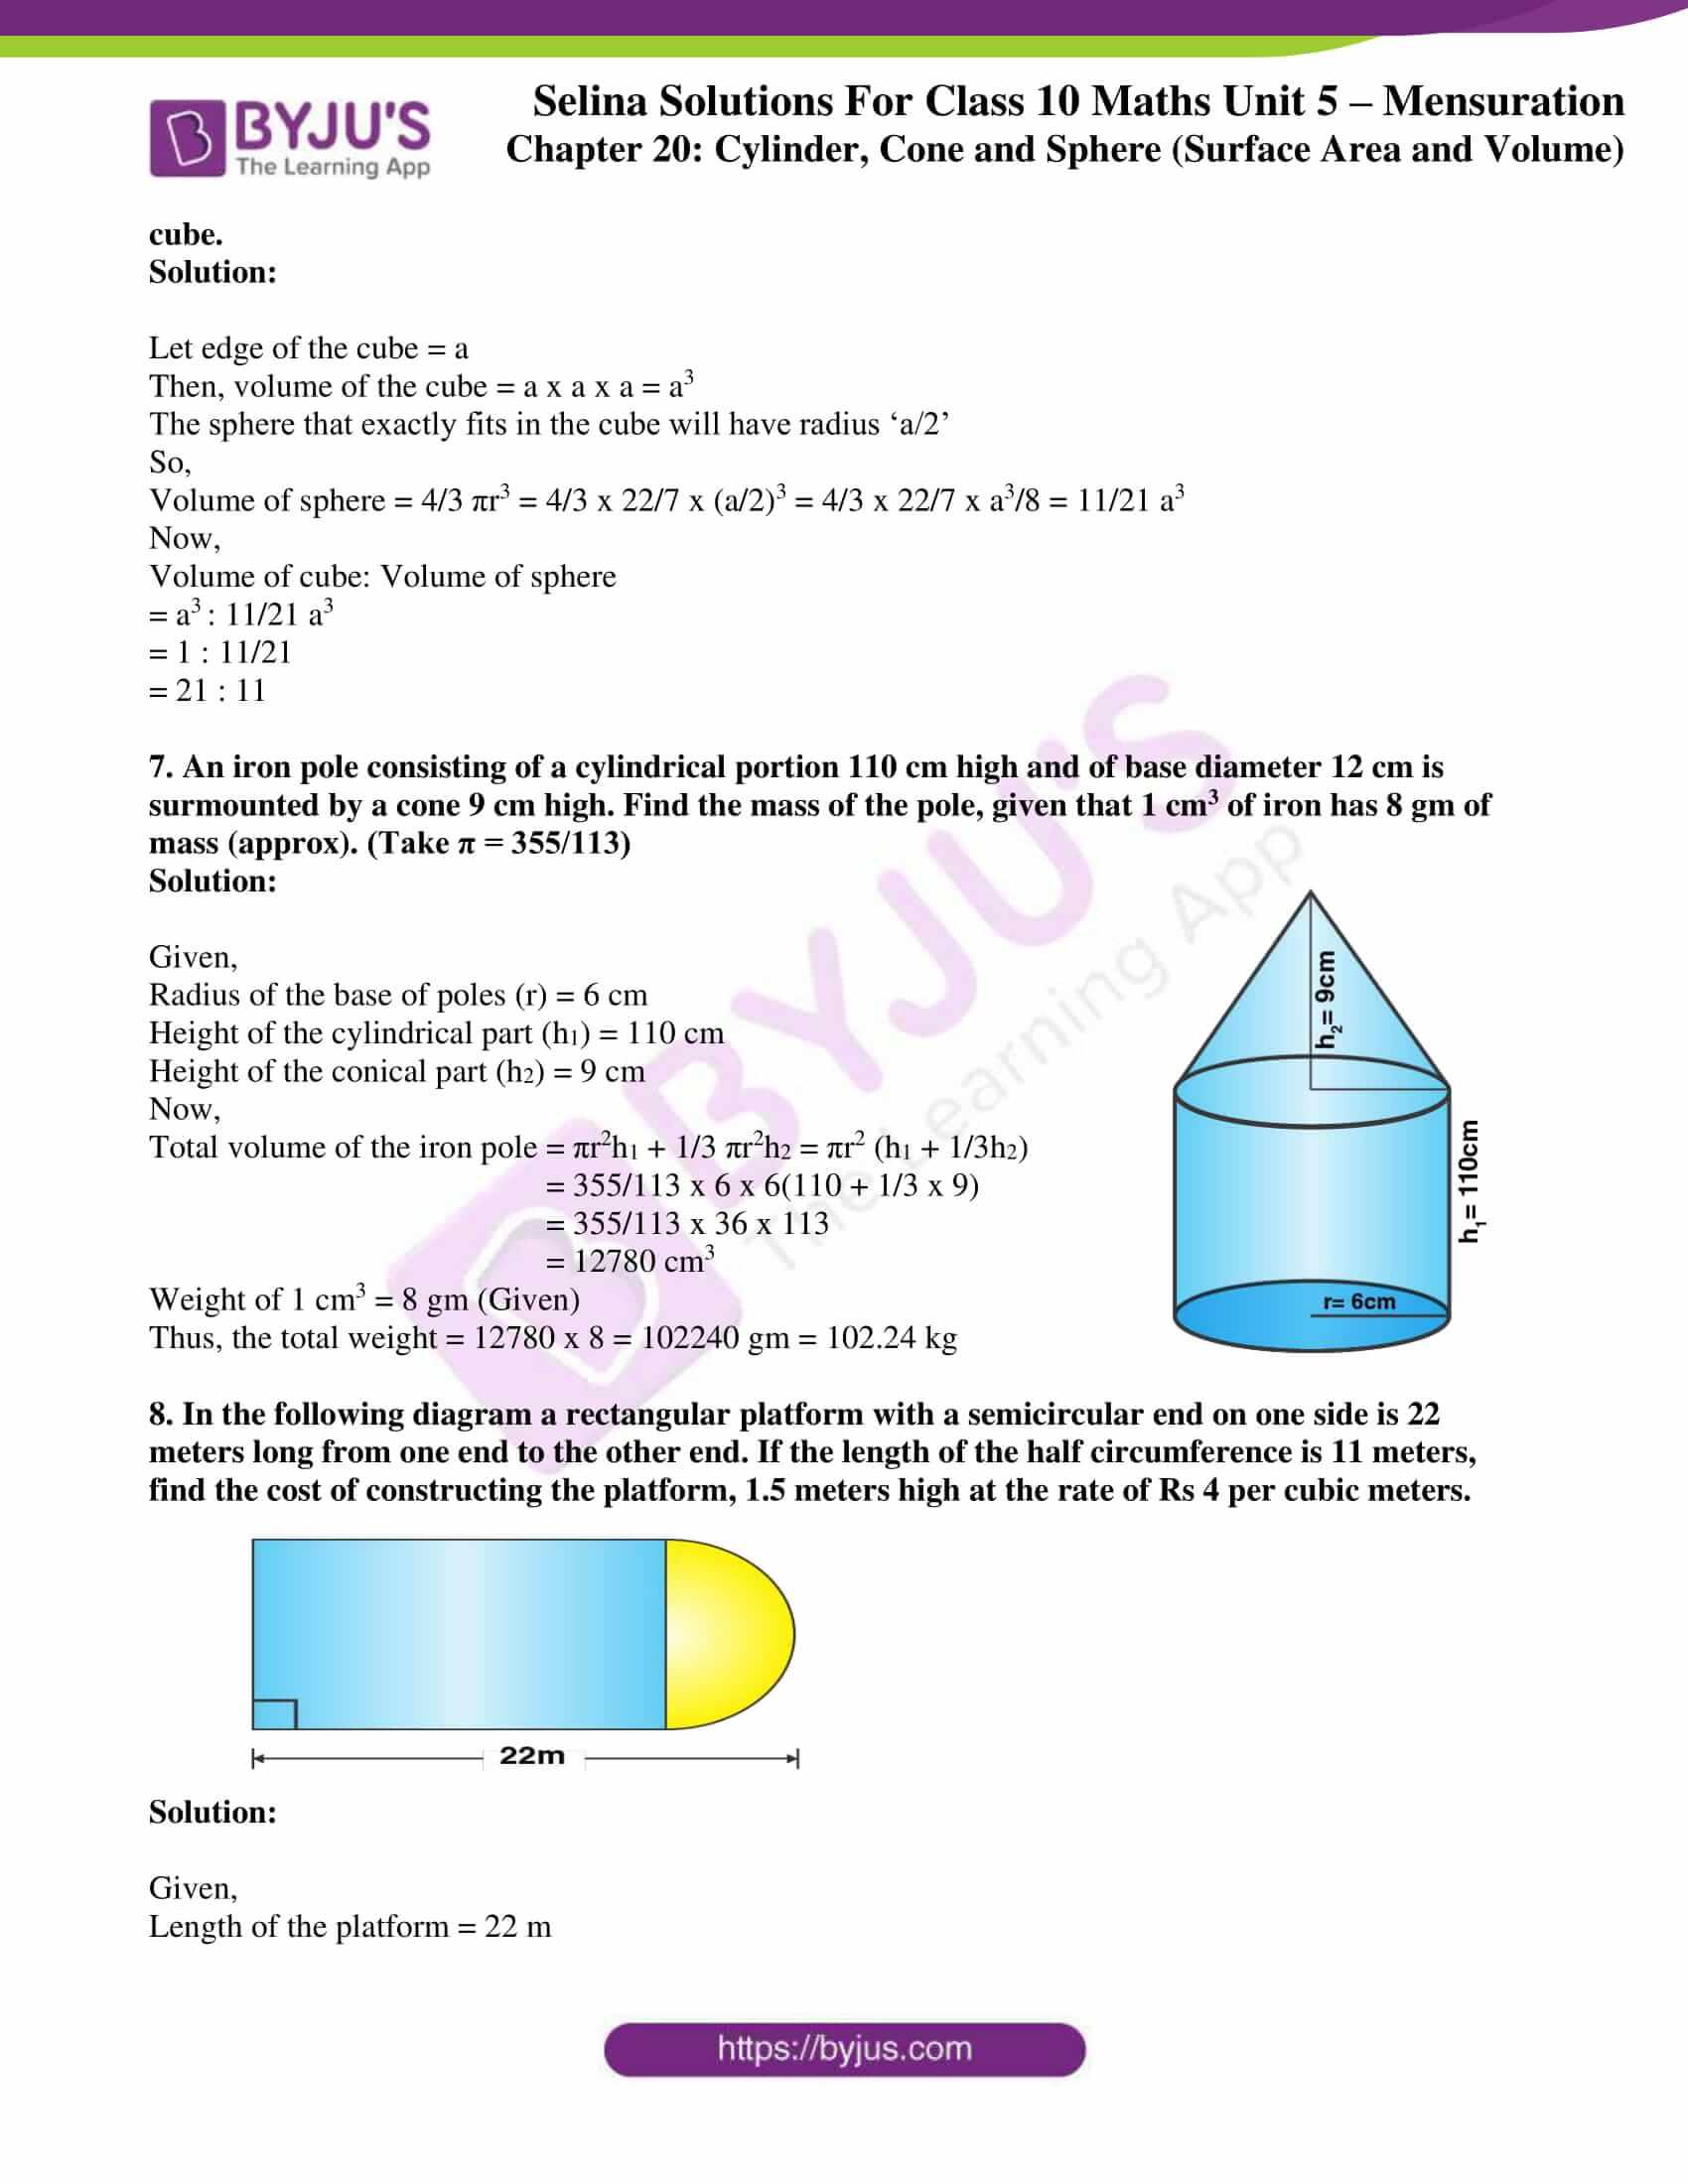 selina-sol-maths-class-10-ch-20-ex-g-3